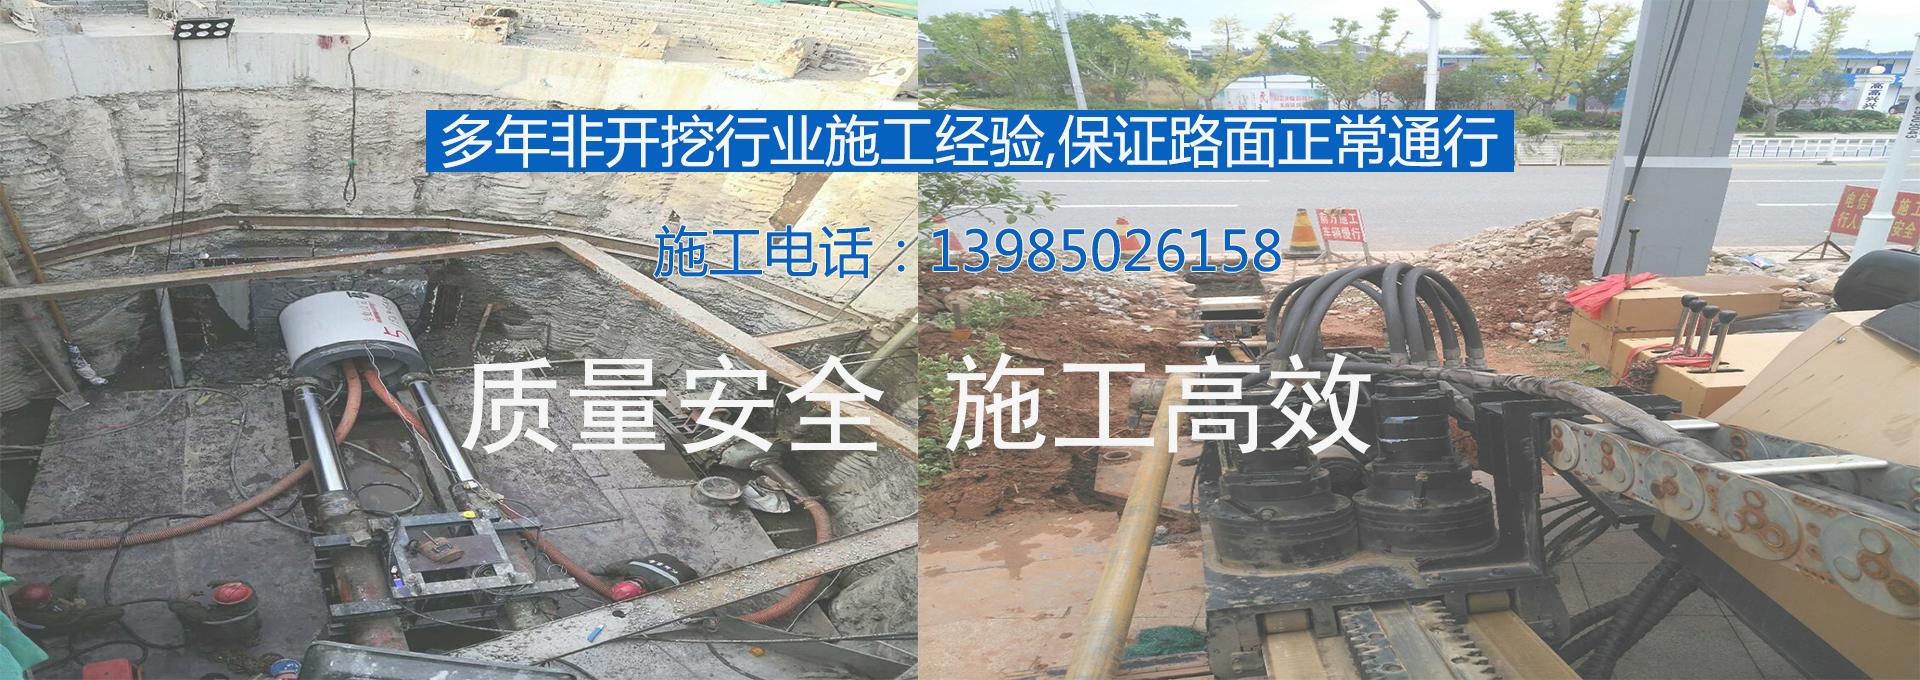 貴州非開挖工程